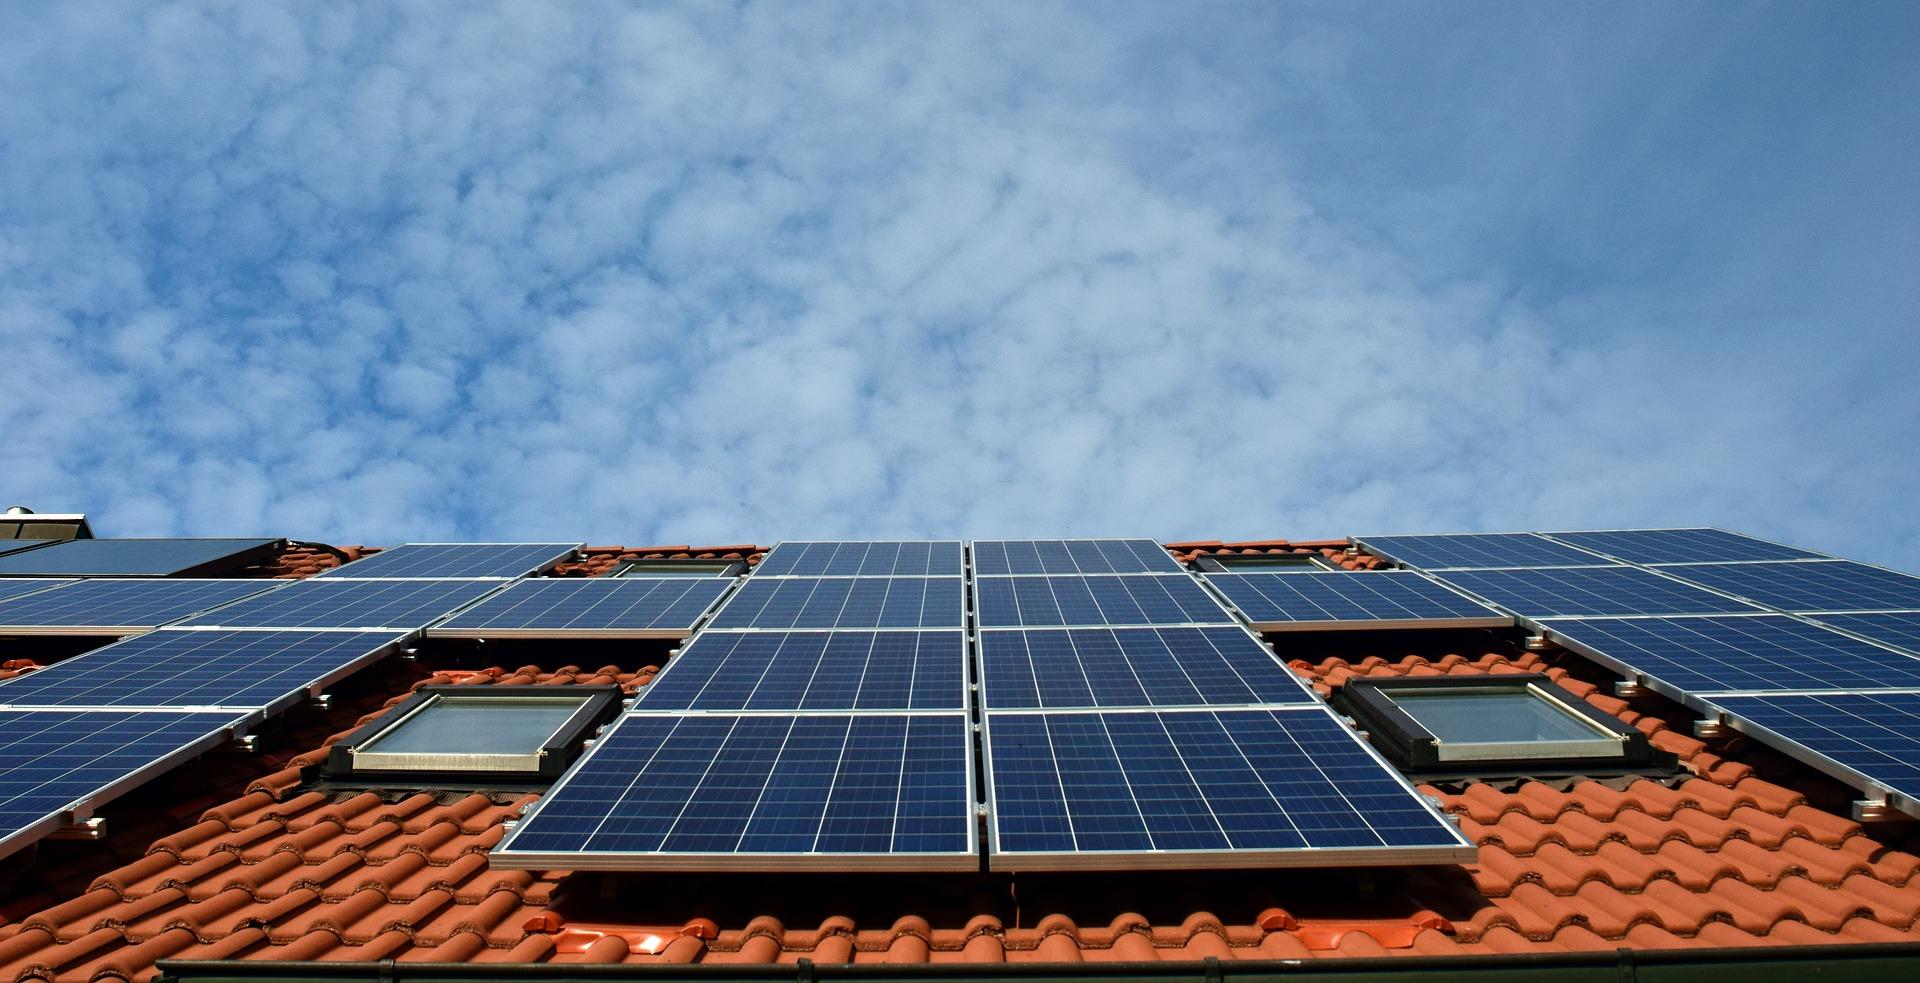 Sector de energías renovables emplea a 10,3 millones de personas en el mundo en 2017